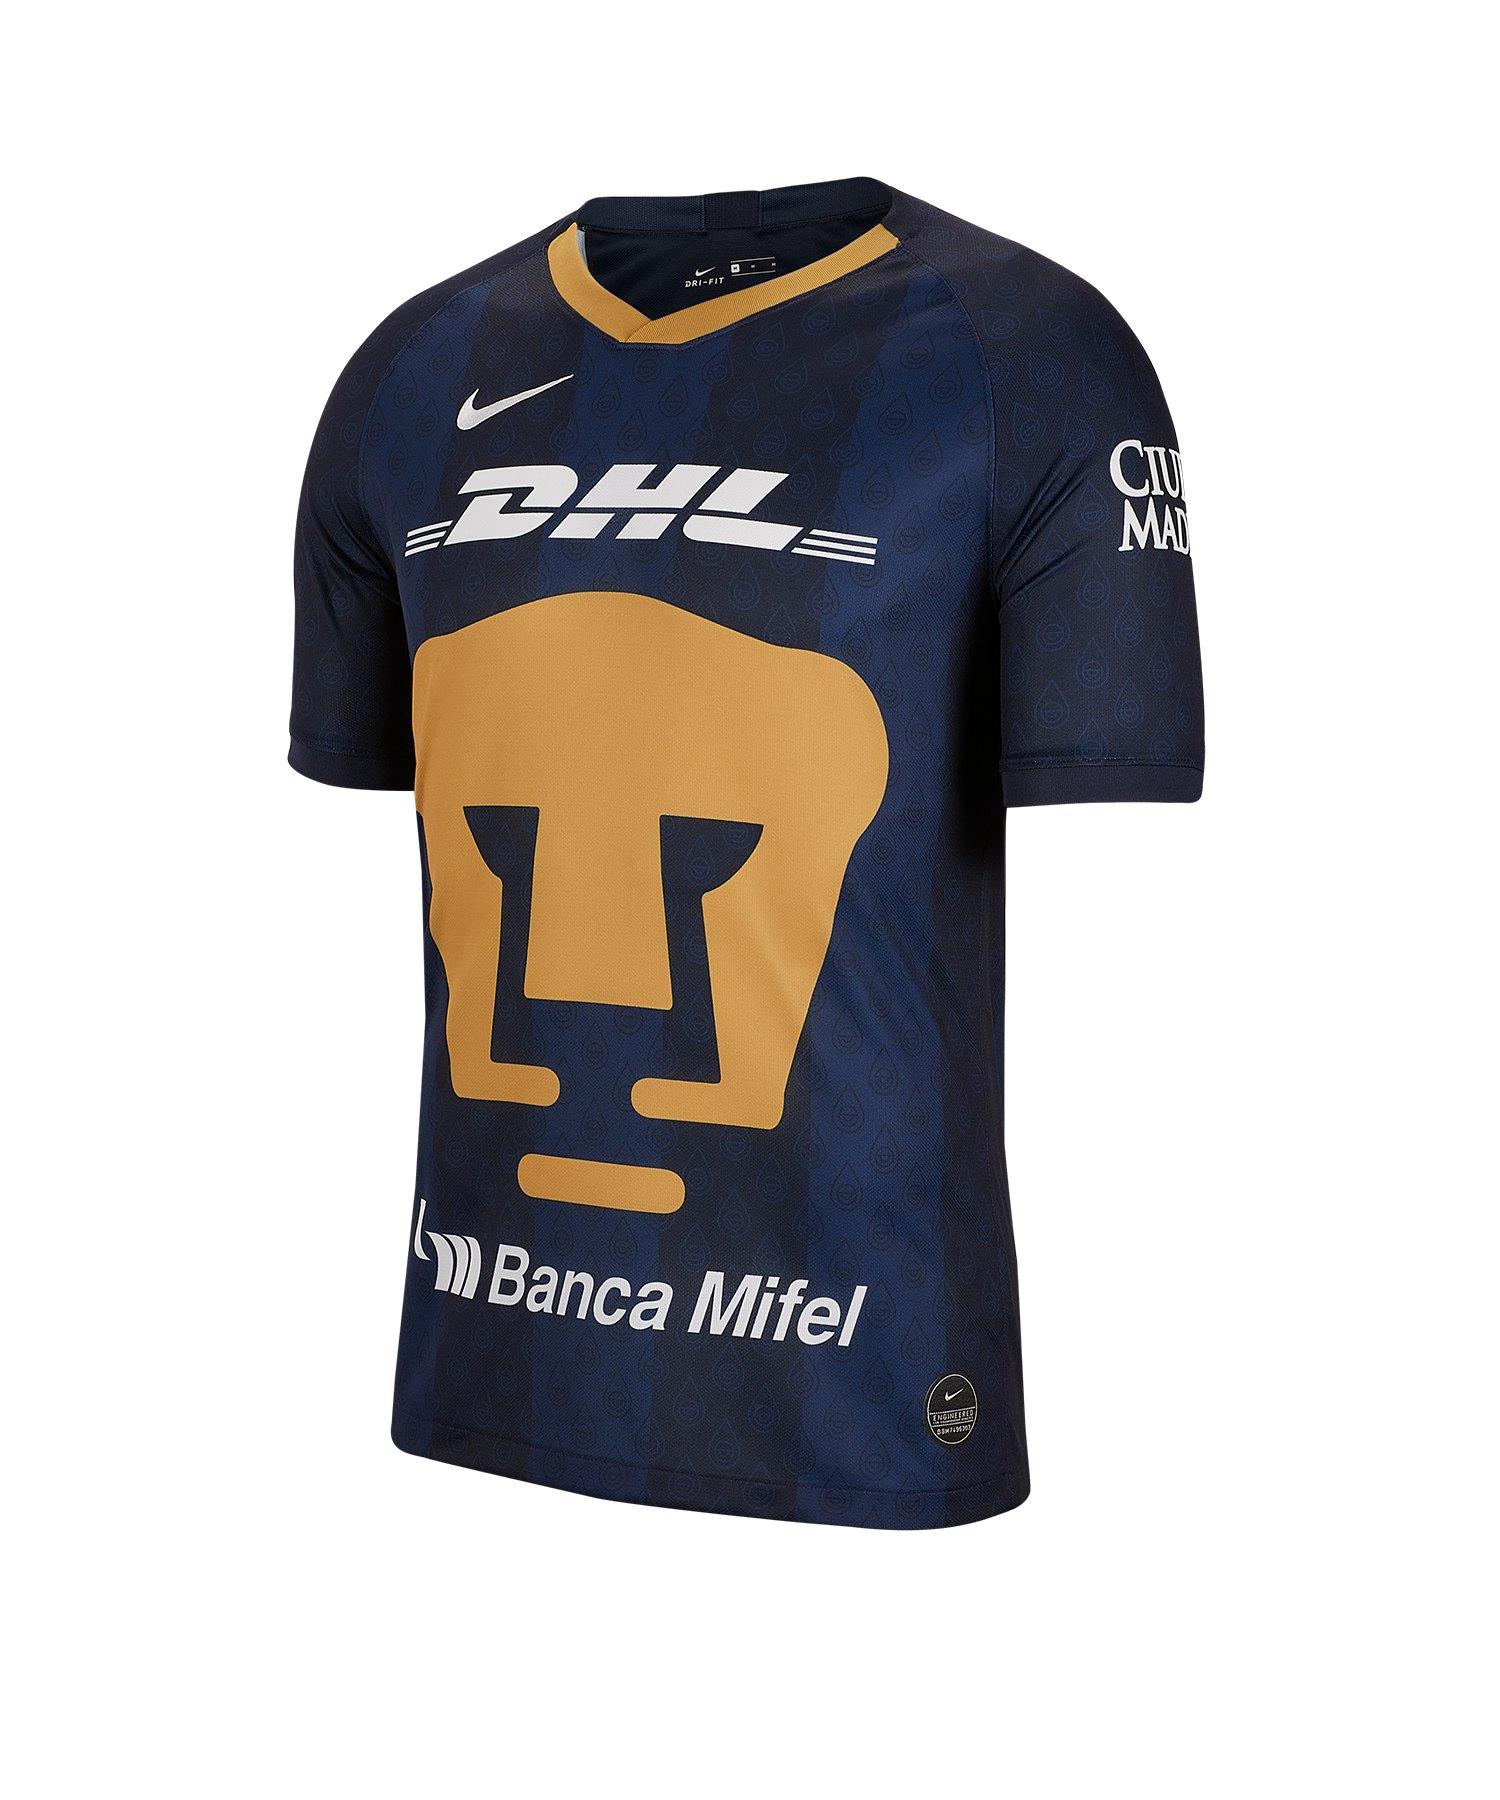 Nike UNAM Pumas Trikot Away 19/20 F453 - blau